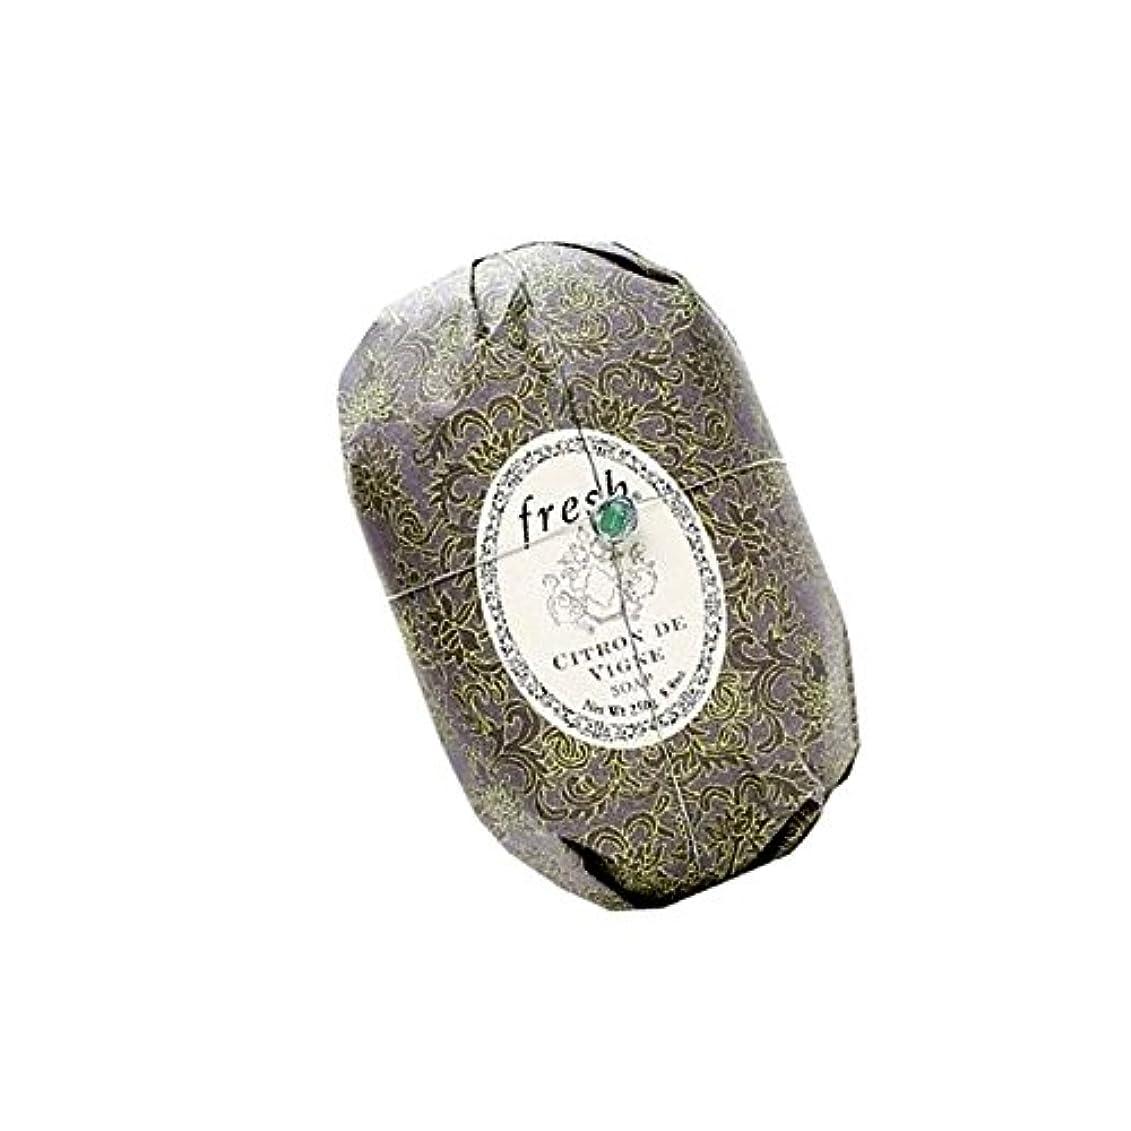 溶岩金曜日国旗Fresh フレッシュ Citron de Vigne Soap 石鹸, 250g/8.8oz. [海外直送品] [並行輸入品]